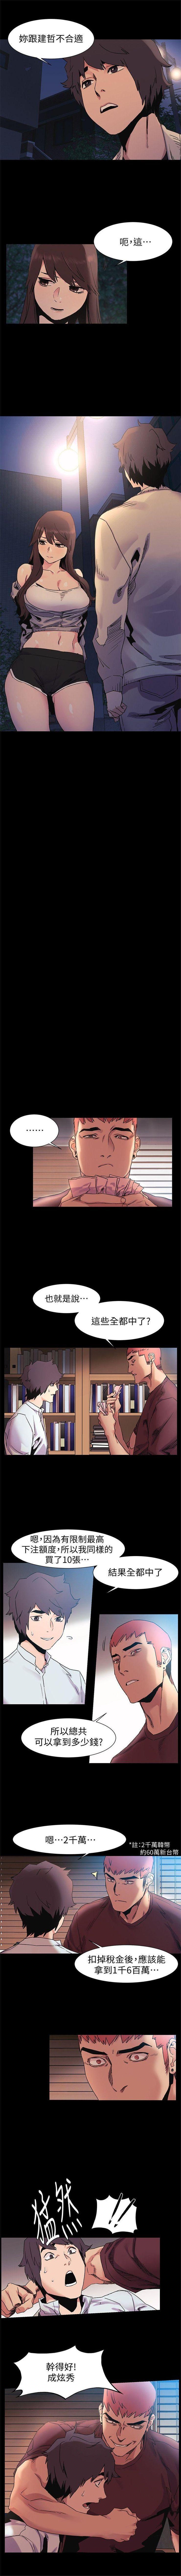 (週5)衝突 1-91 中文翻譯 (更新中) 168